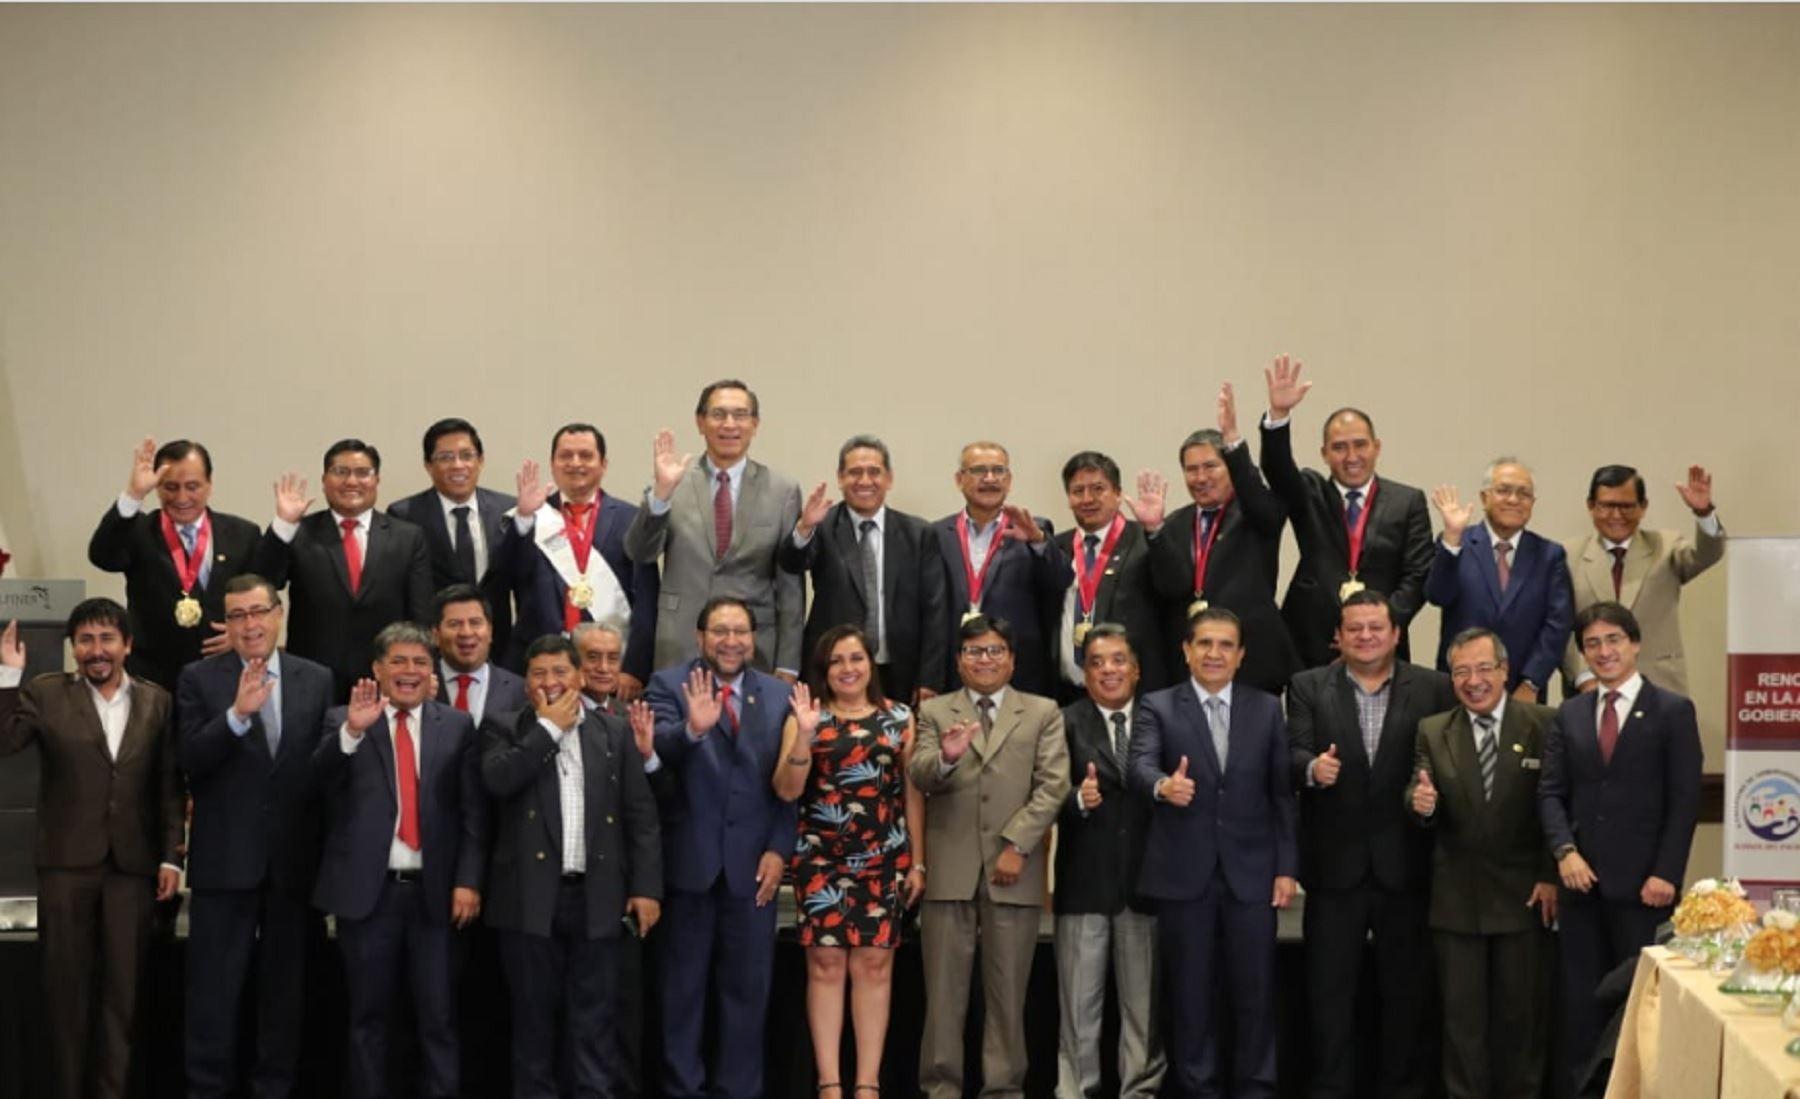 Presidente Vizcarra participó en la juramentación de nueva directiva de asamblea de regiones